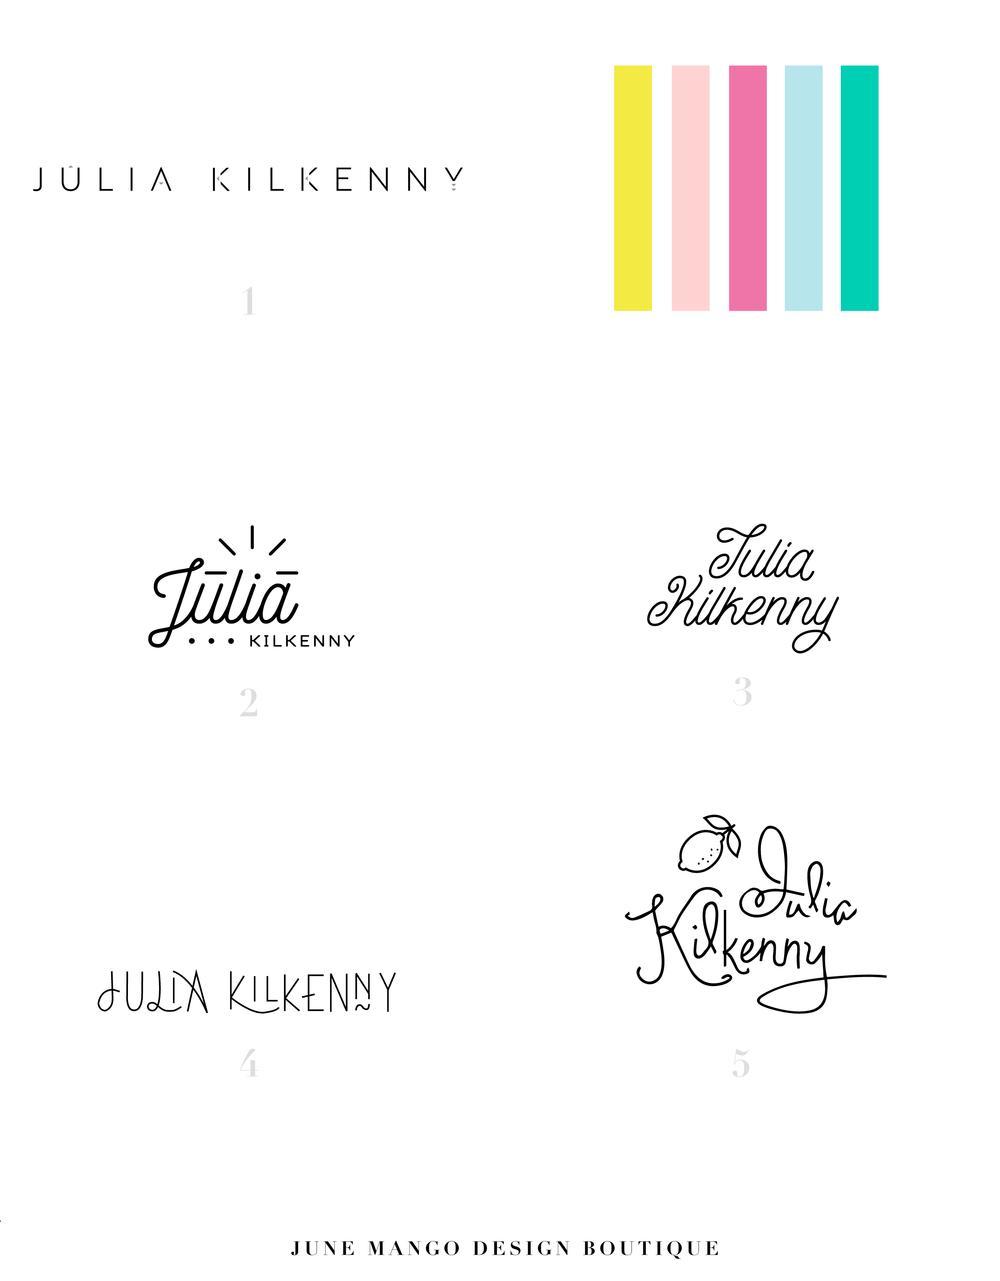 Julia-Kilkenny-Logo-Process-01.png